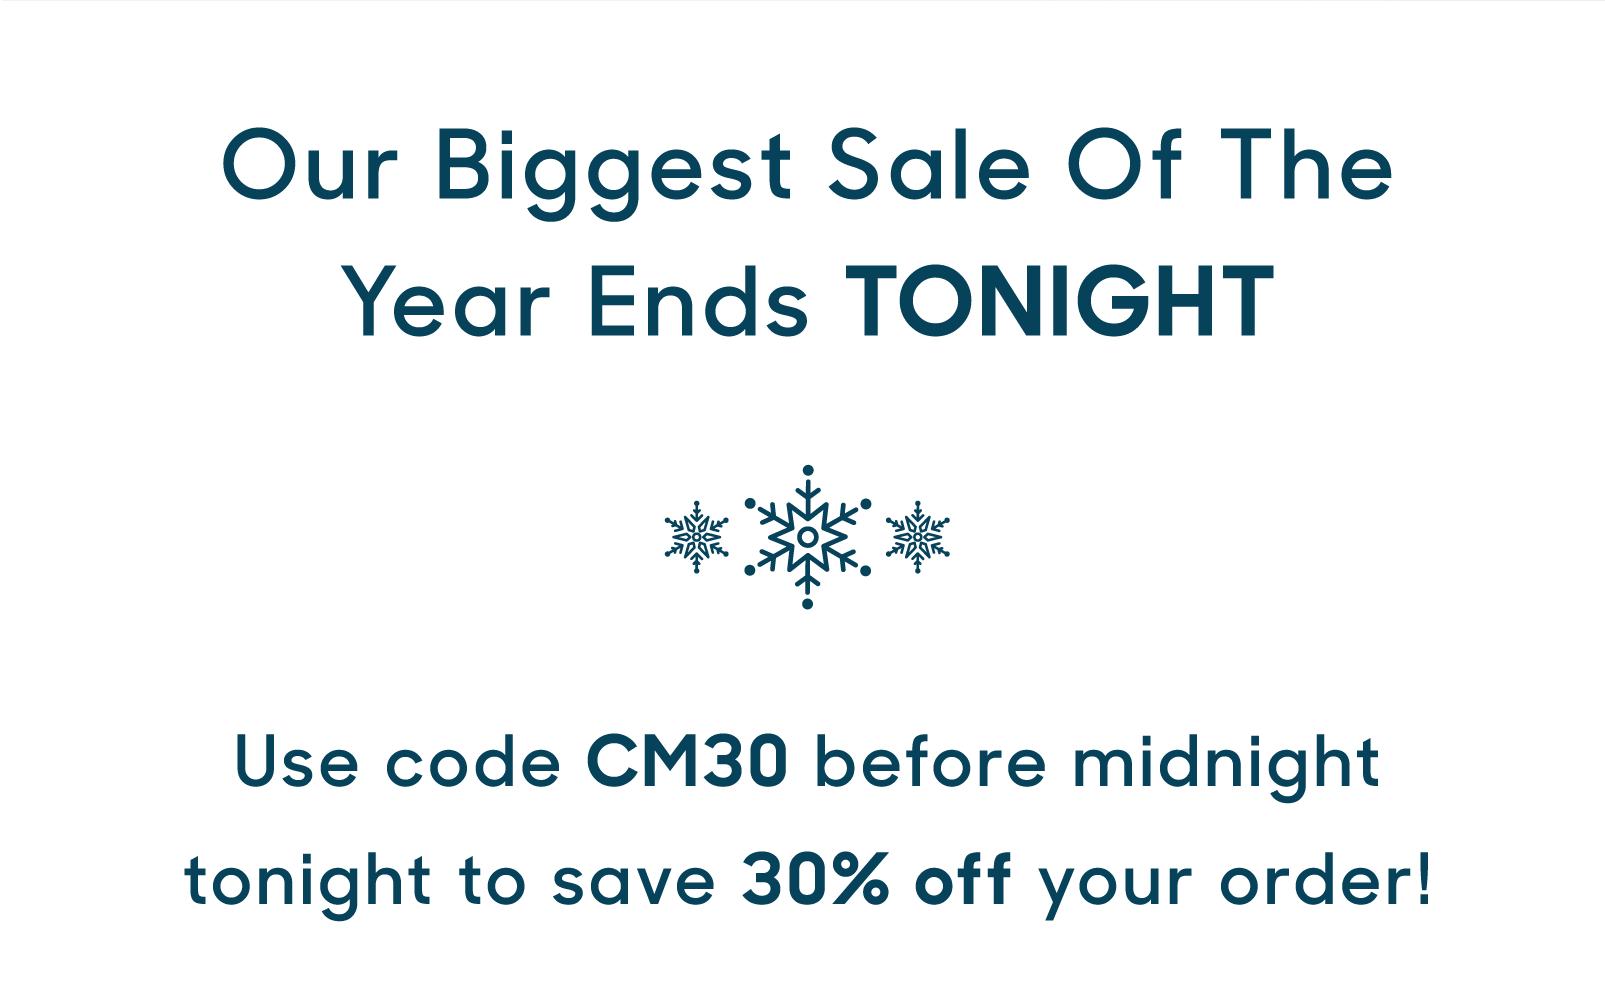 24 Hours, 30% off, code: CM30